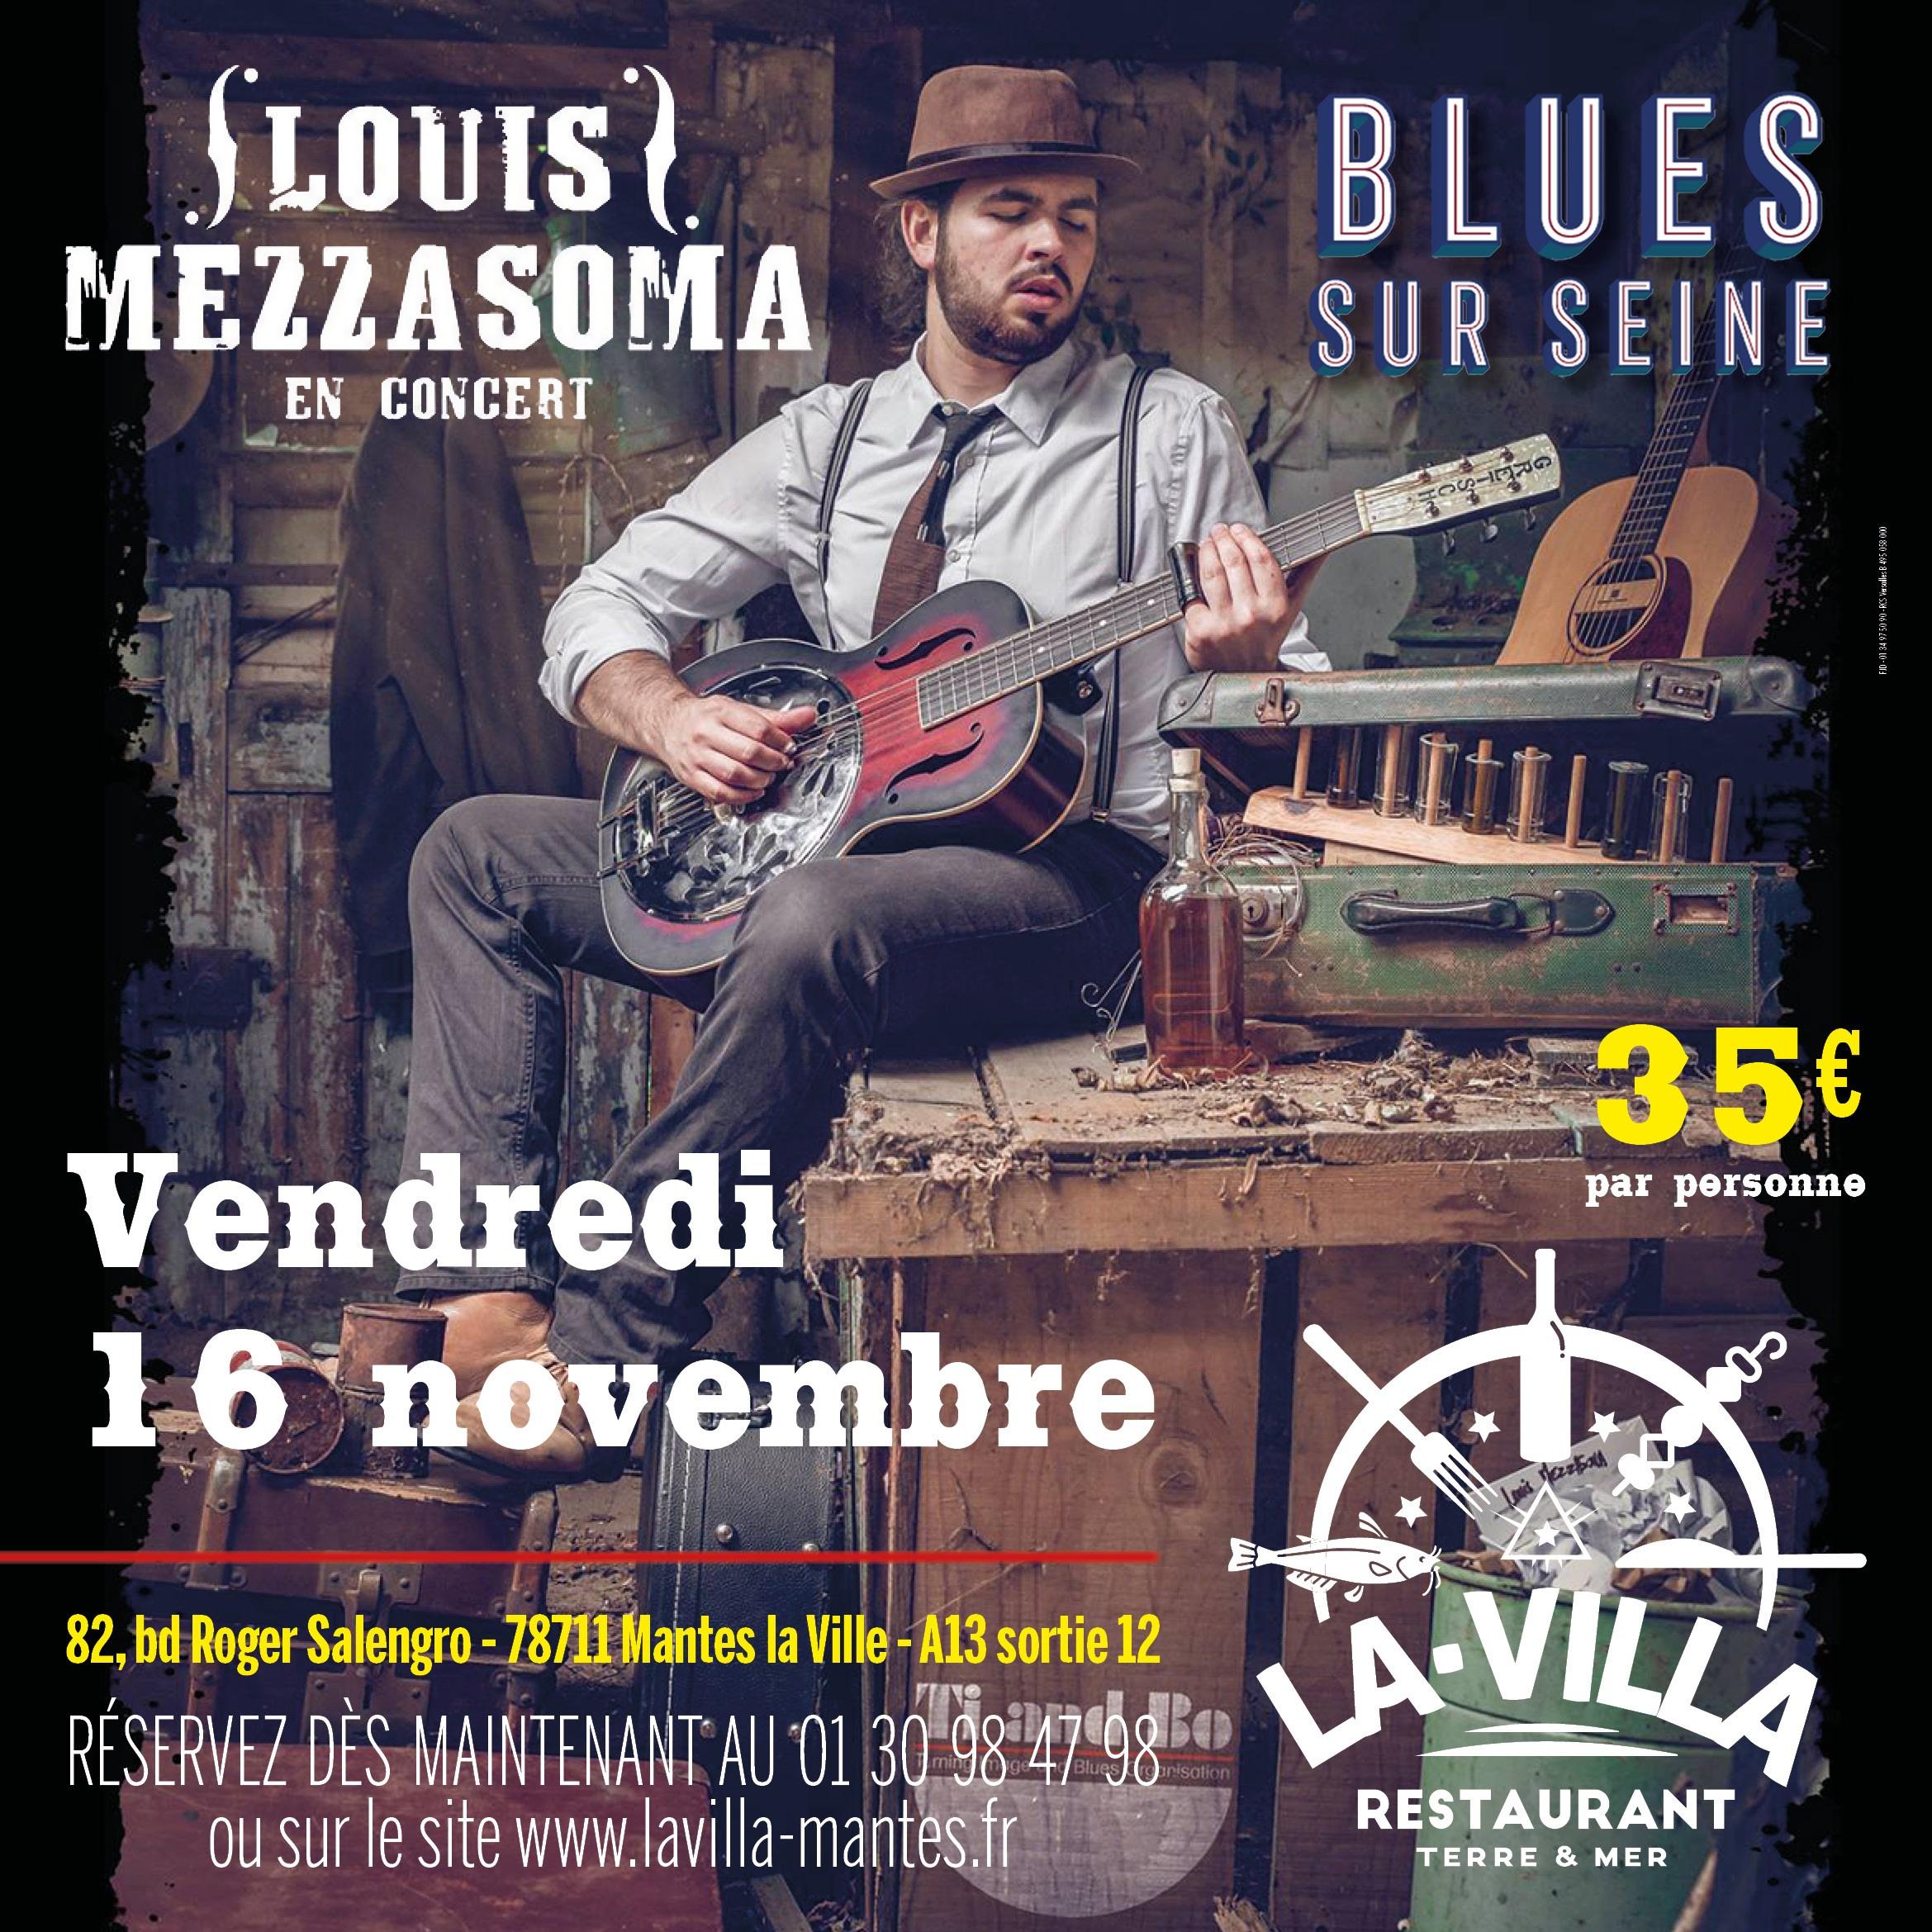 Soirée Blues sur Seine